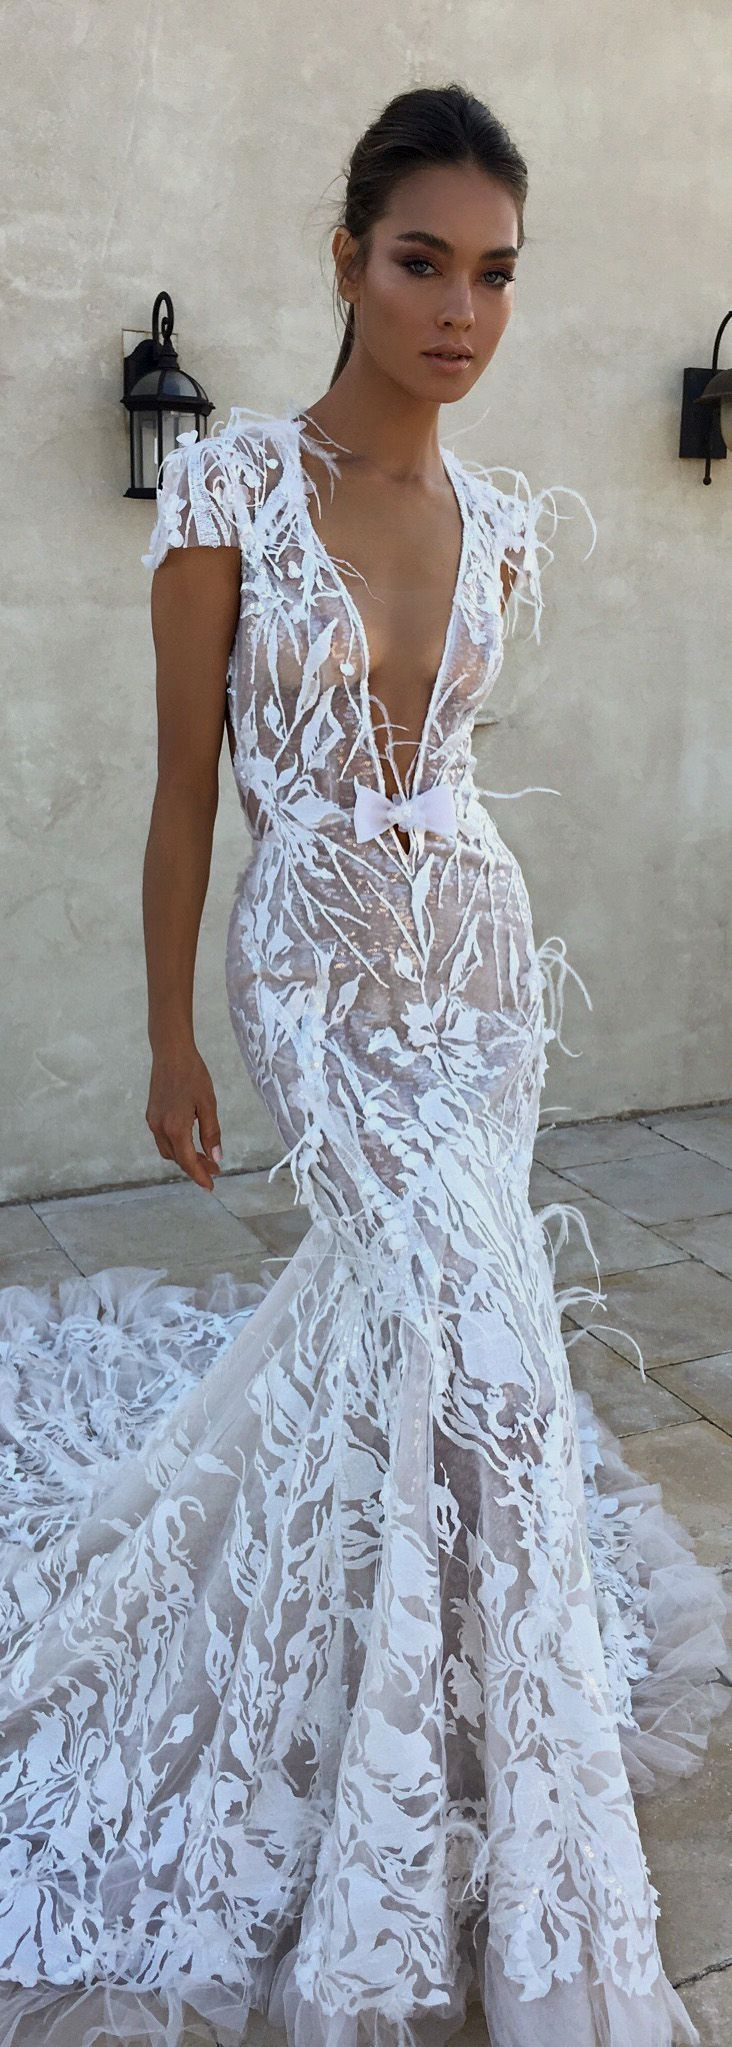 Weißes Hochzeitskleid. Alle Bräute wollen das Passendste für sich finden ...